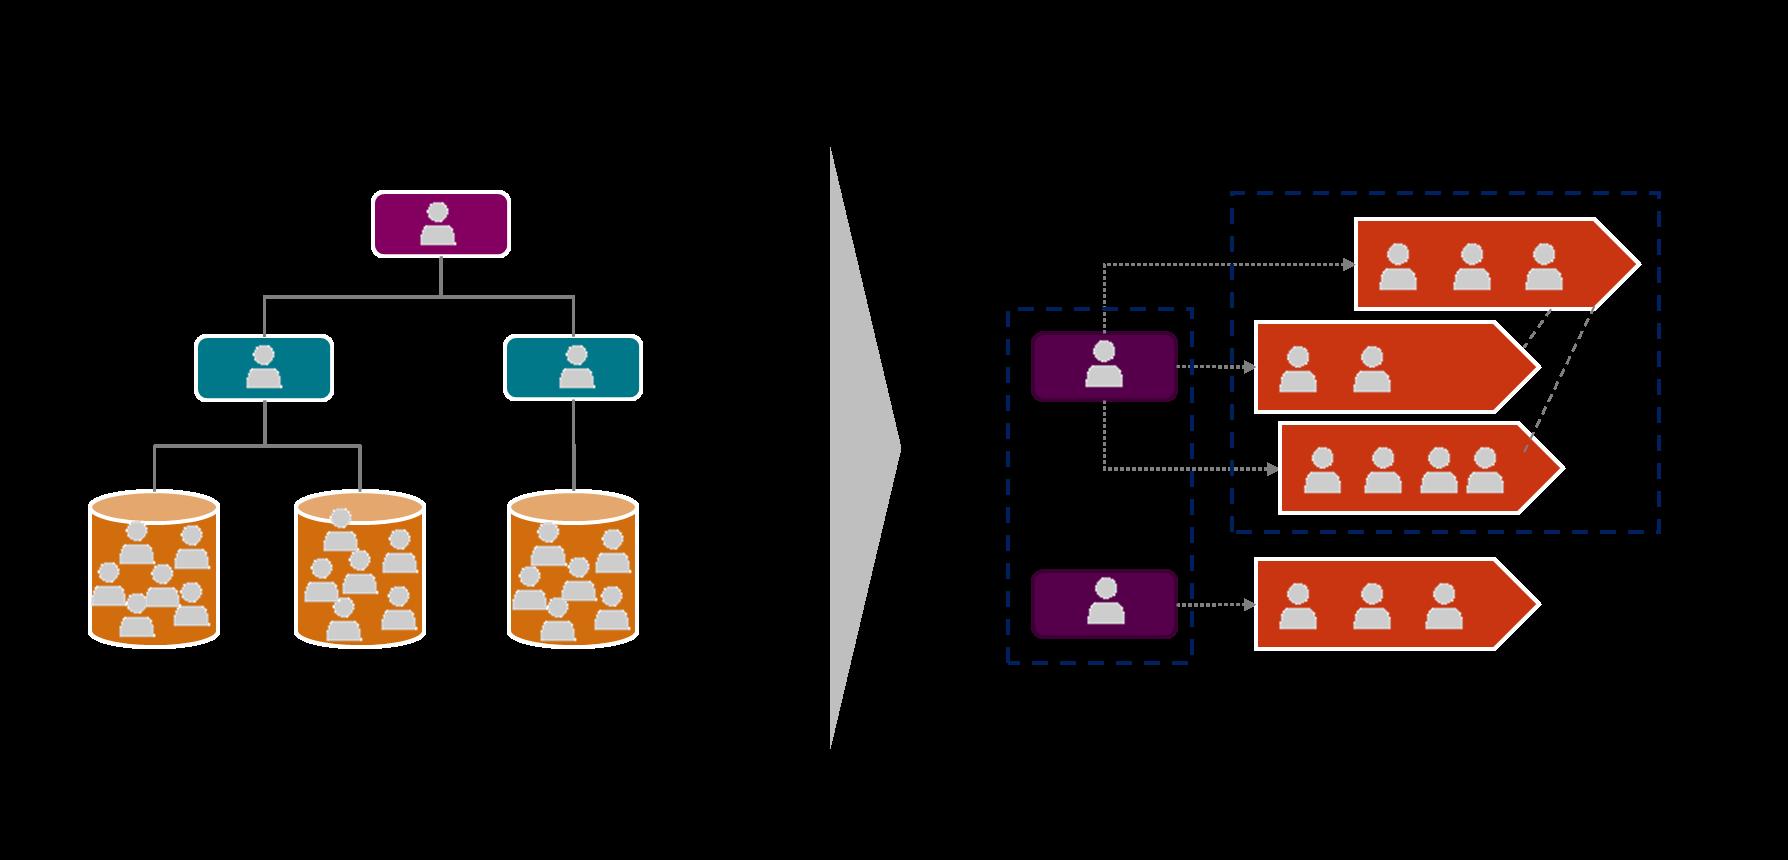 Figura 8 - Trasformazione organizzativa con la Business Agility - Fonte: immagine dell'autore